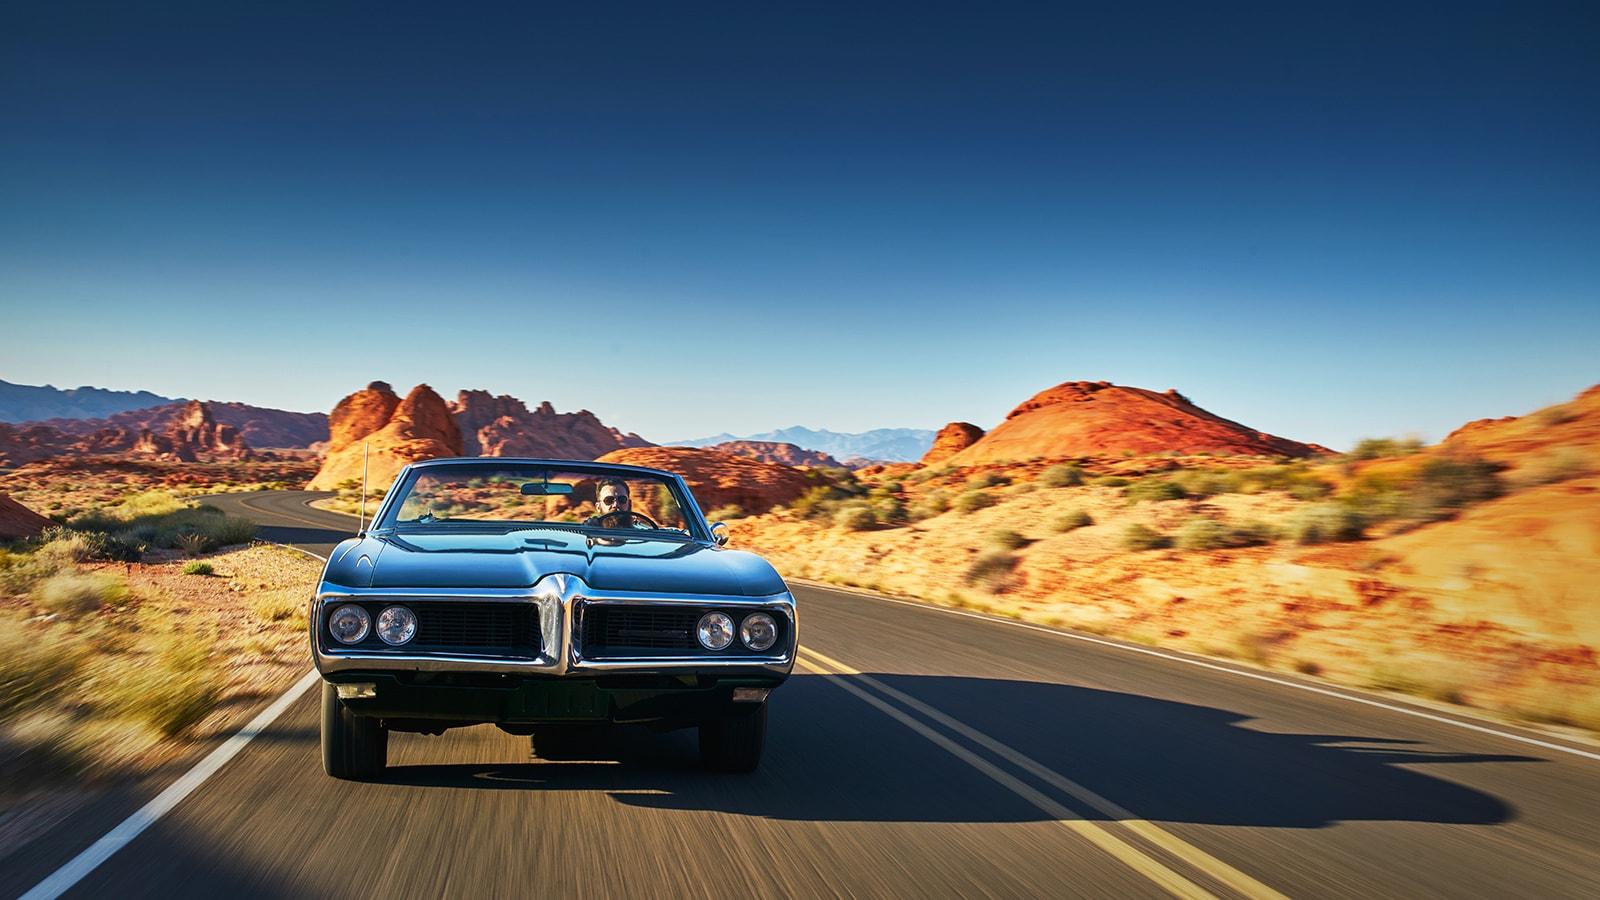 Un homme qui conduit une voiture sur une route de désertique